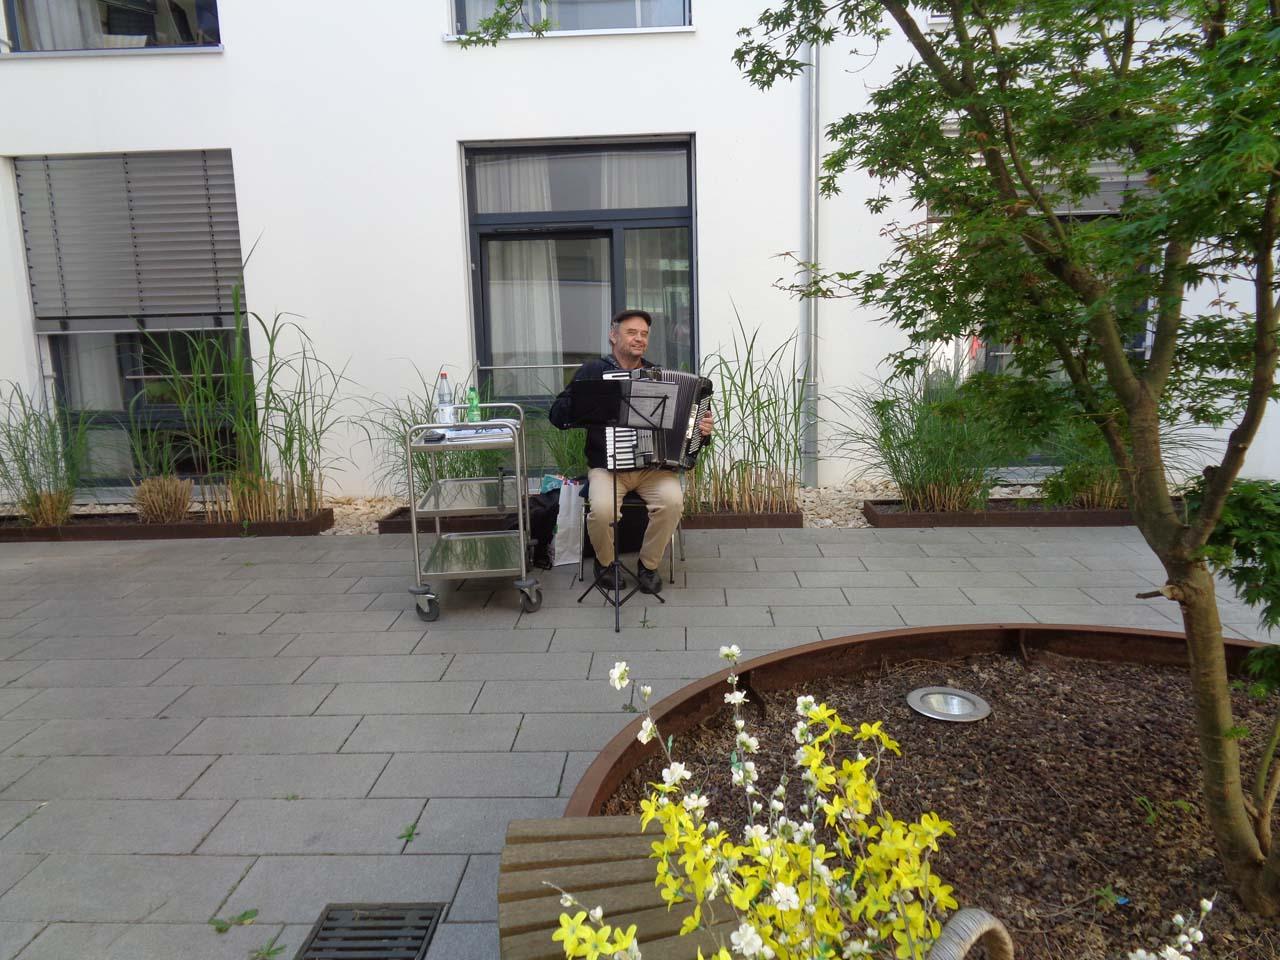 Ein Mann sitzt in einem Hof und spielt auf einer Zieharmonika.